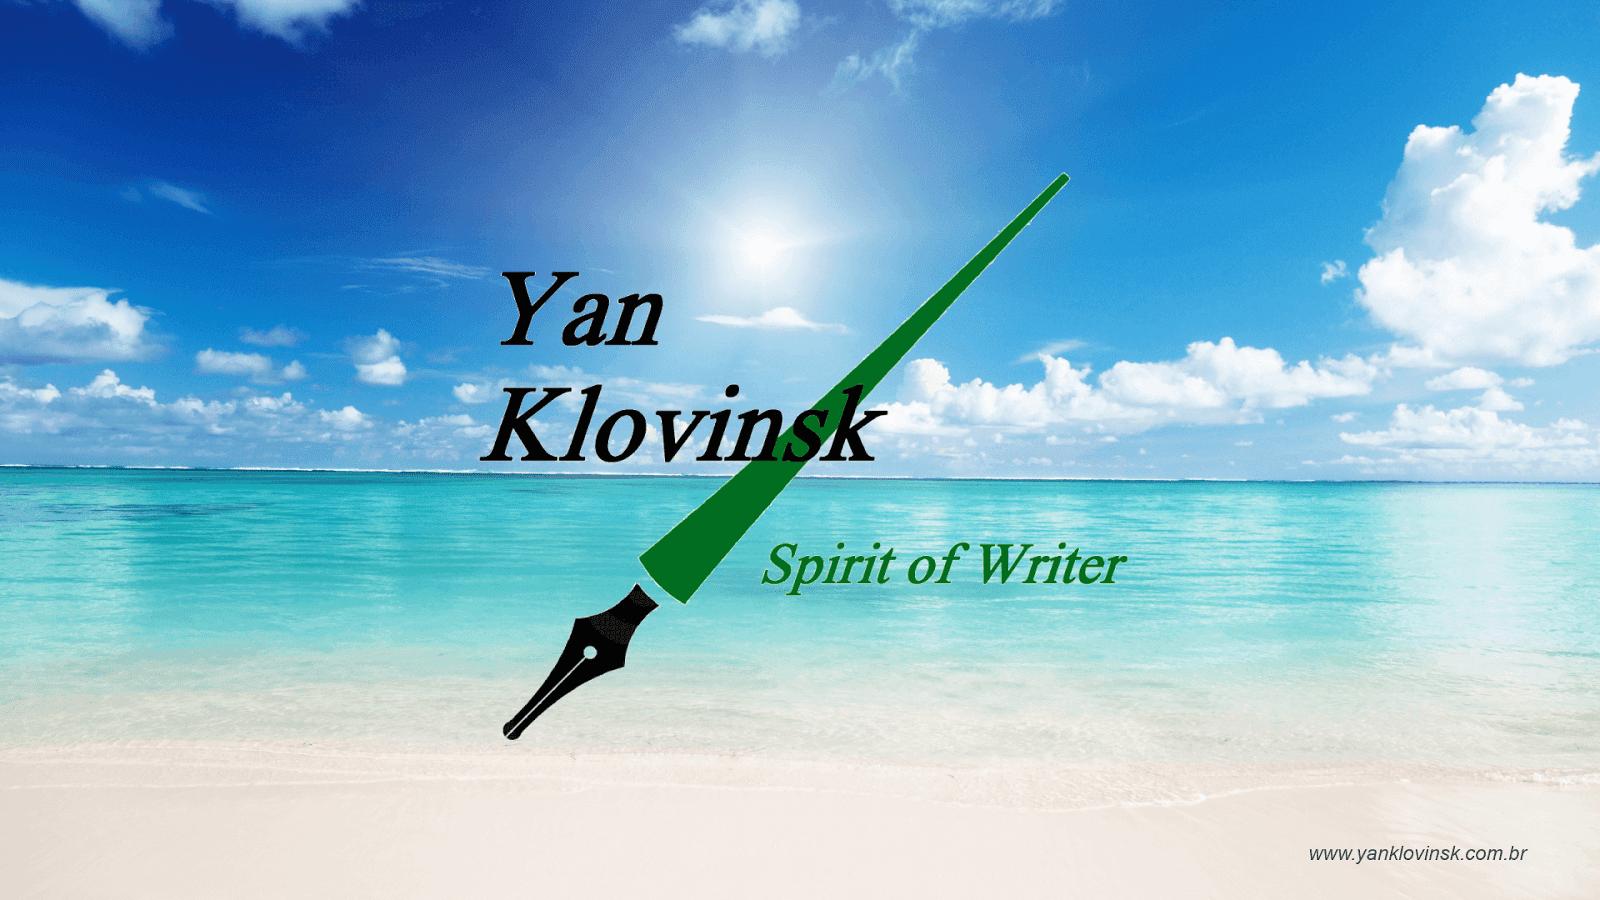 logo Yan klovinsk